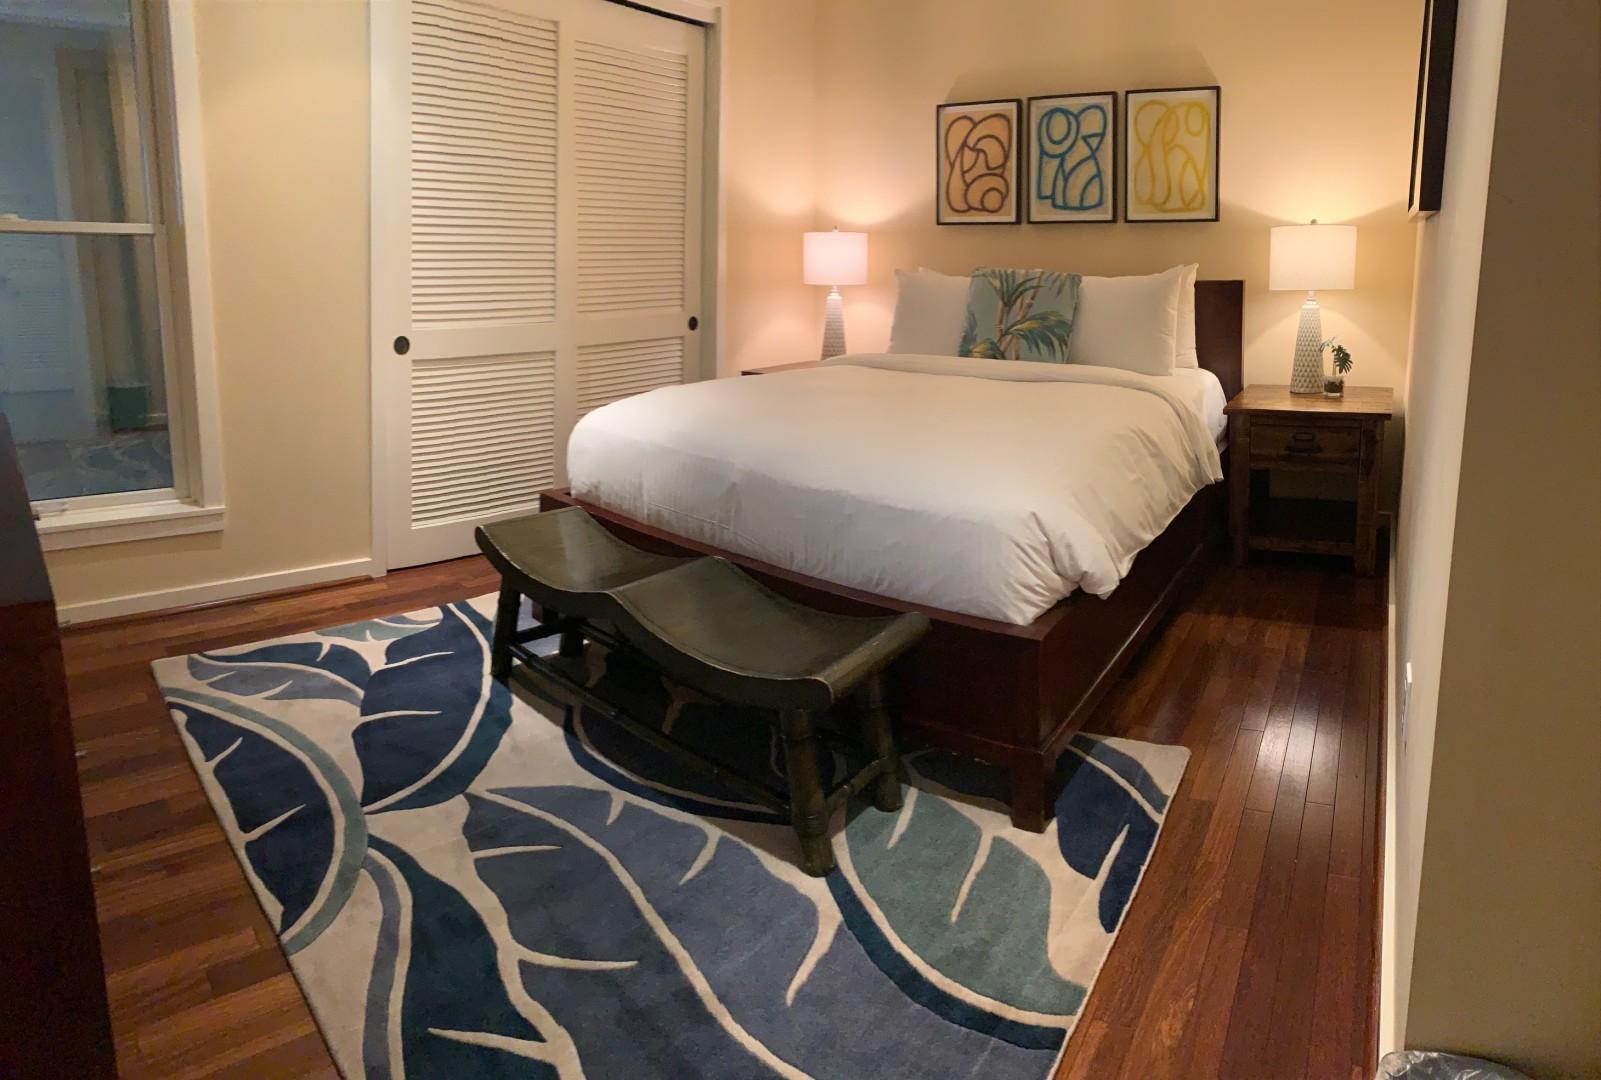 Guest Bedroom, view 1